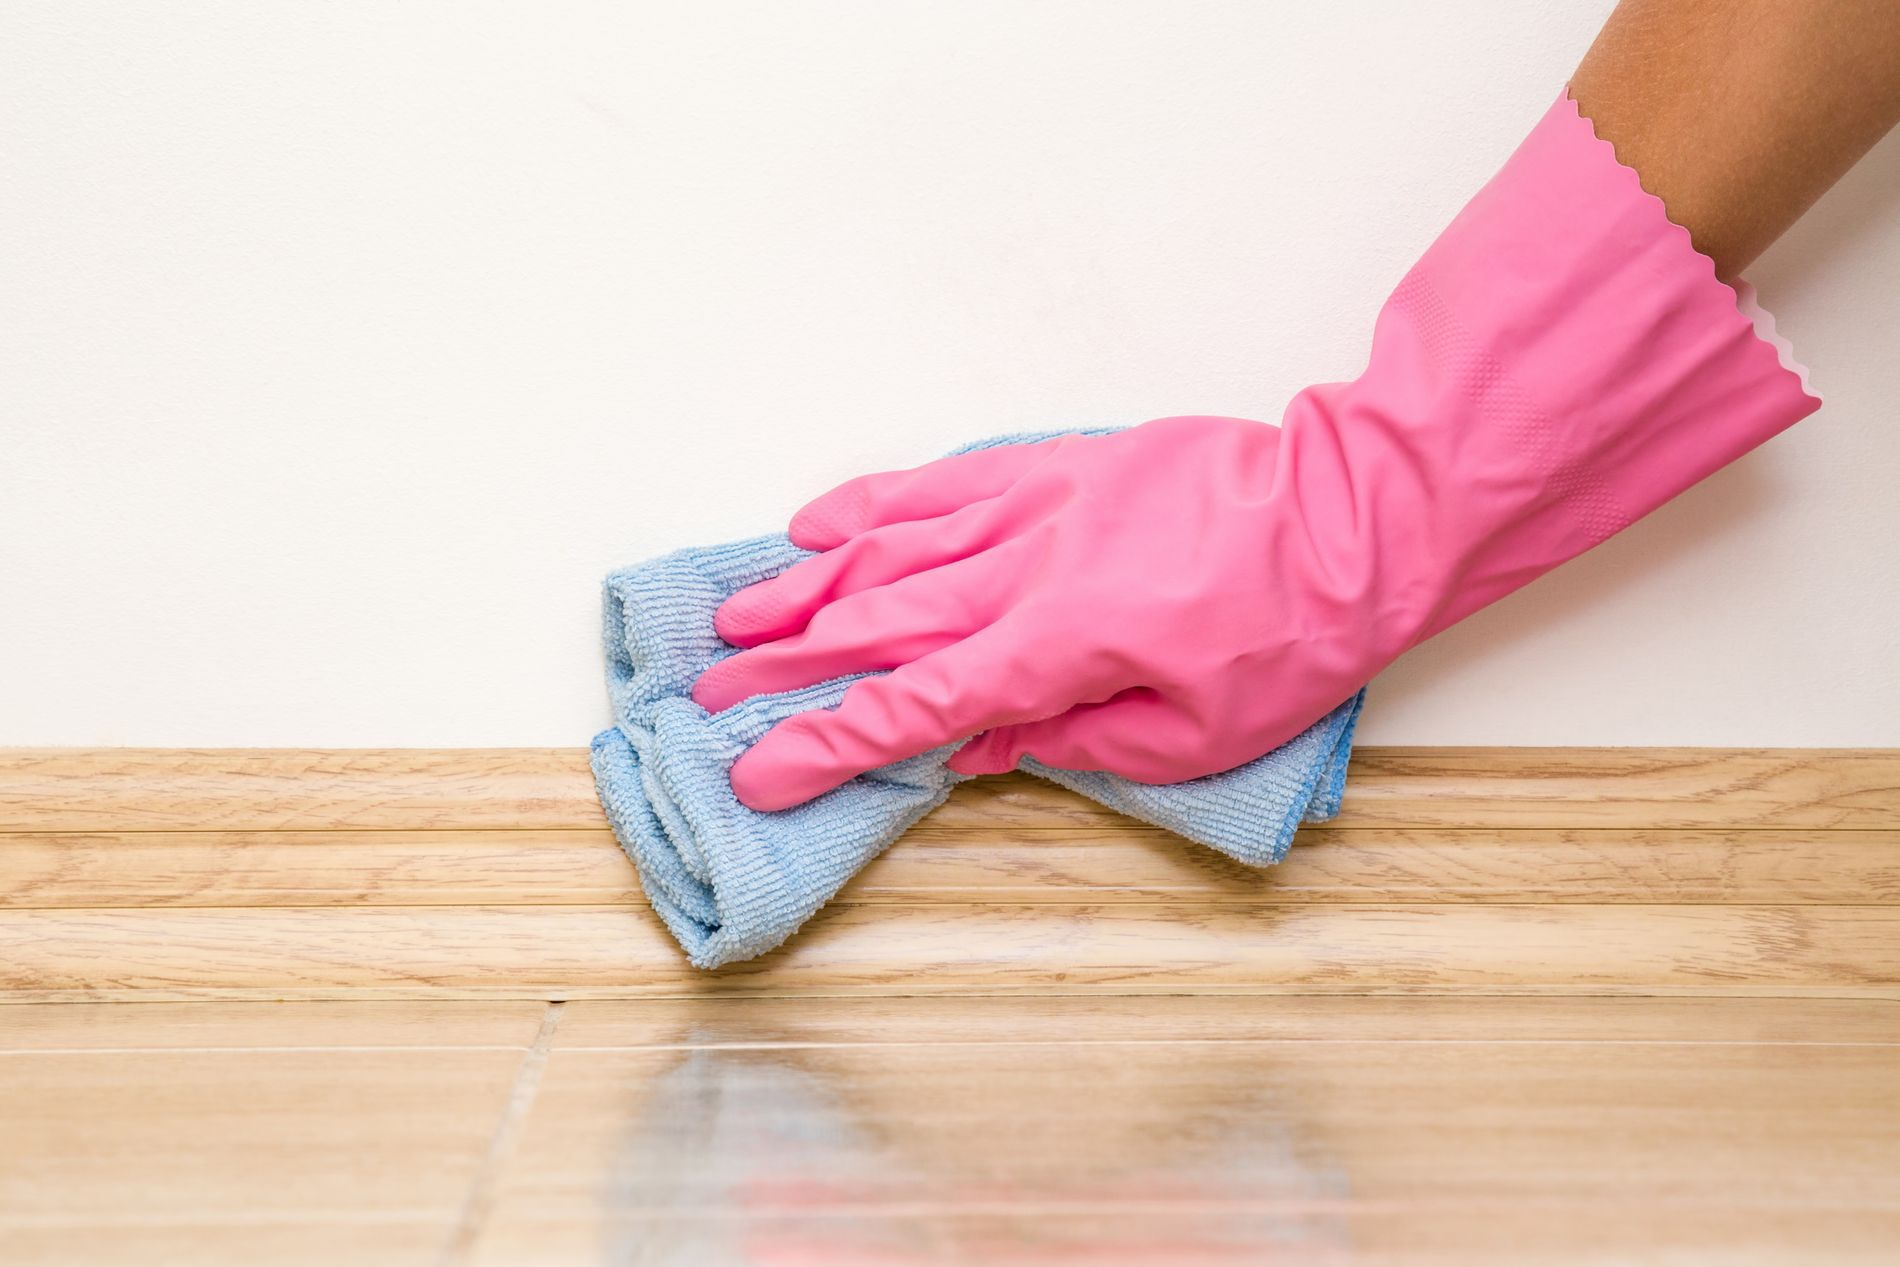 – Det er ekstra bra for astmatikere og allergikere å gå over veggene, men alle bør få det inn i rutinen.